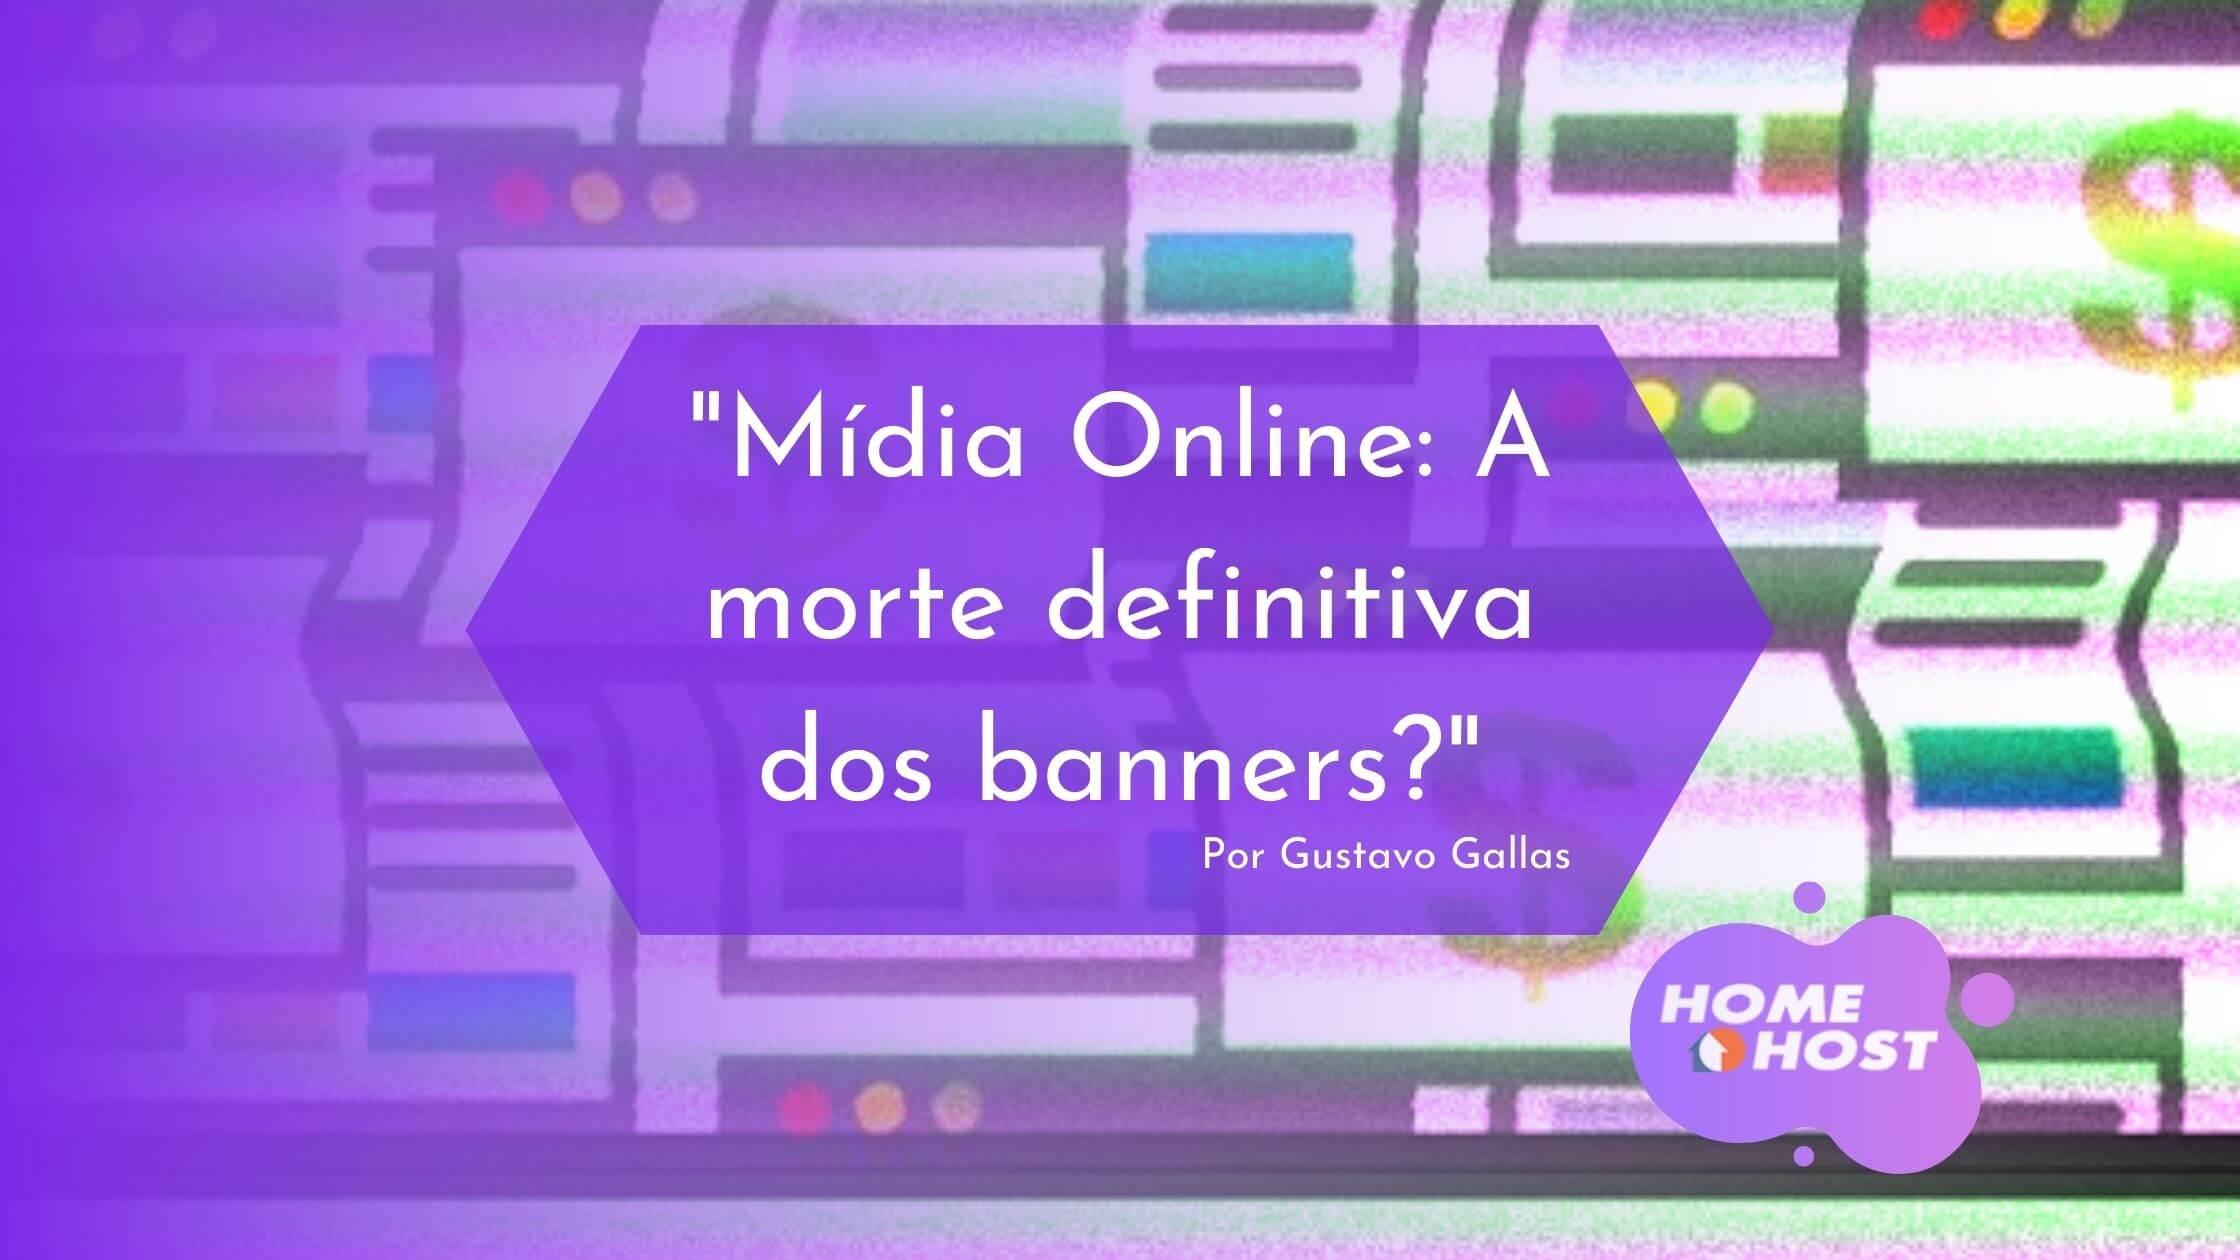 Mídia Online A morte definitiva dos banners por Gustavo Gallas - 2009